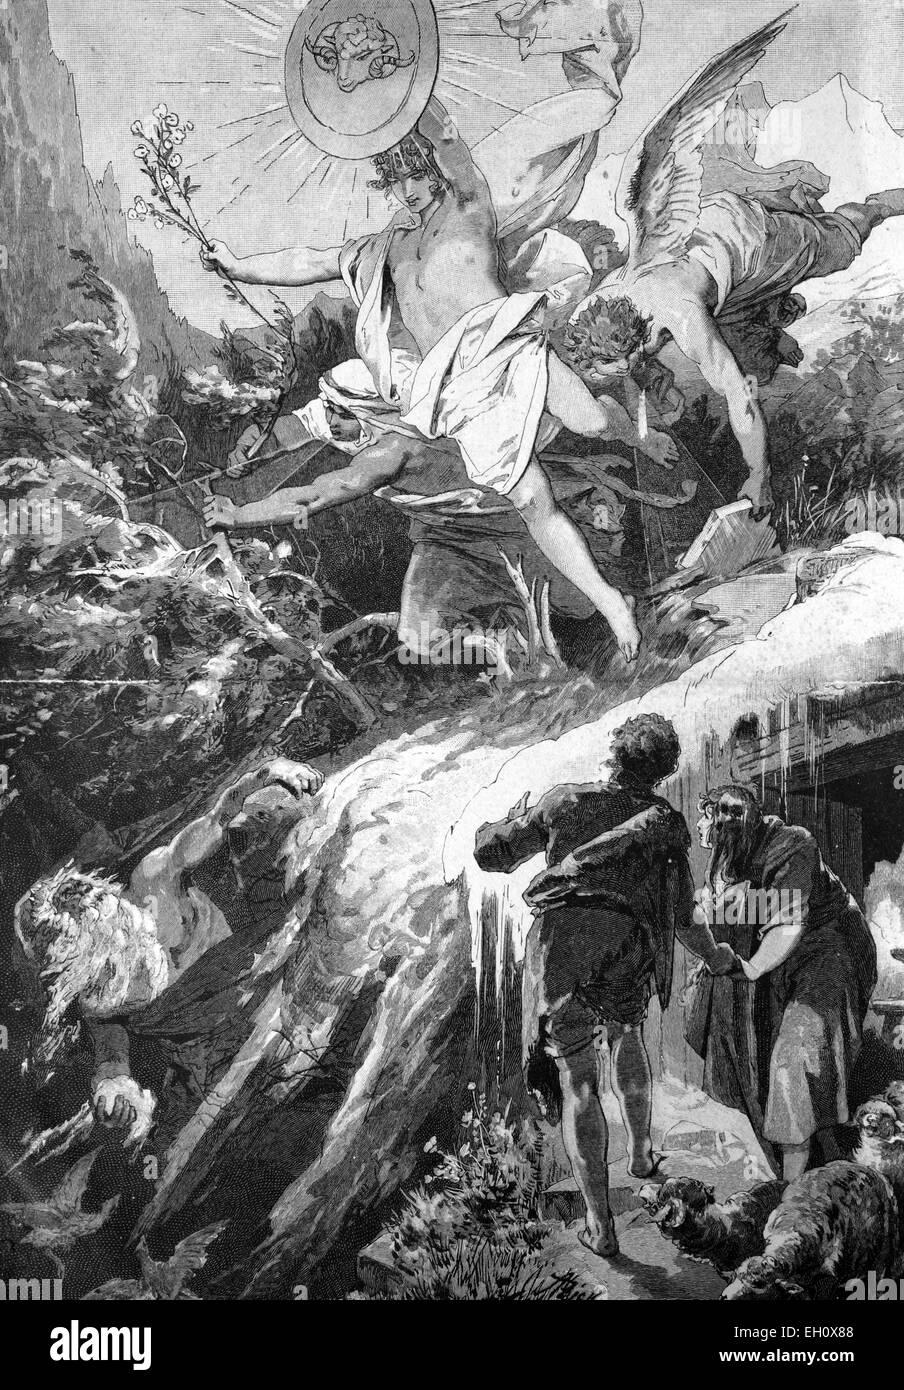 Image historique d'un concept de début de printemps, 1886 Photo Stock